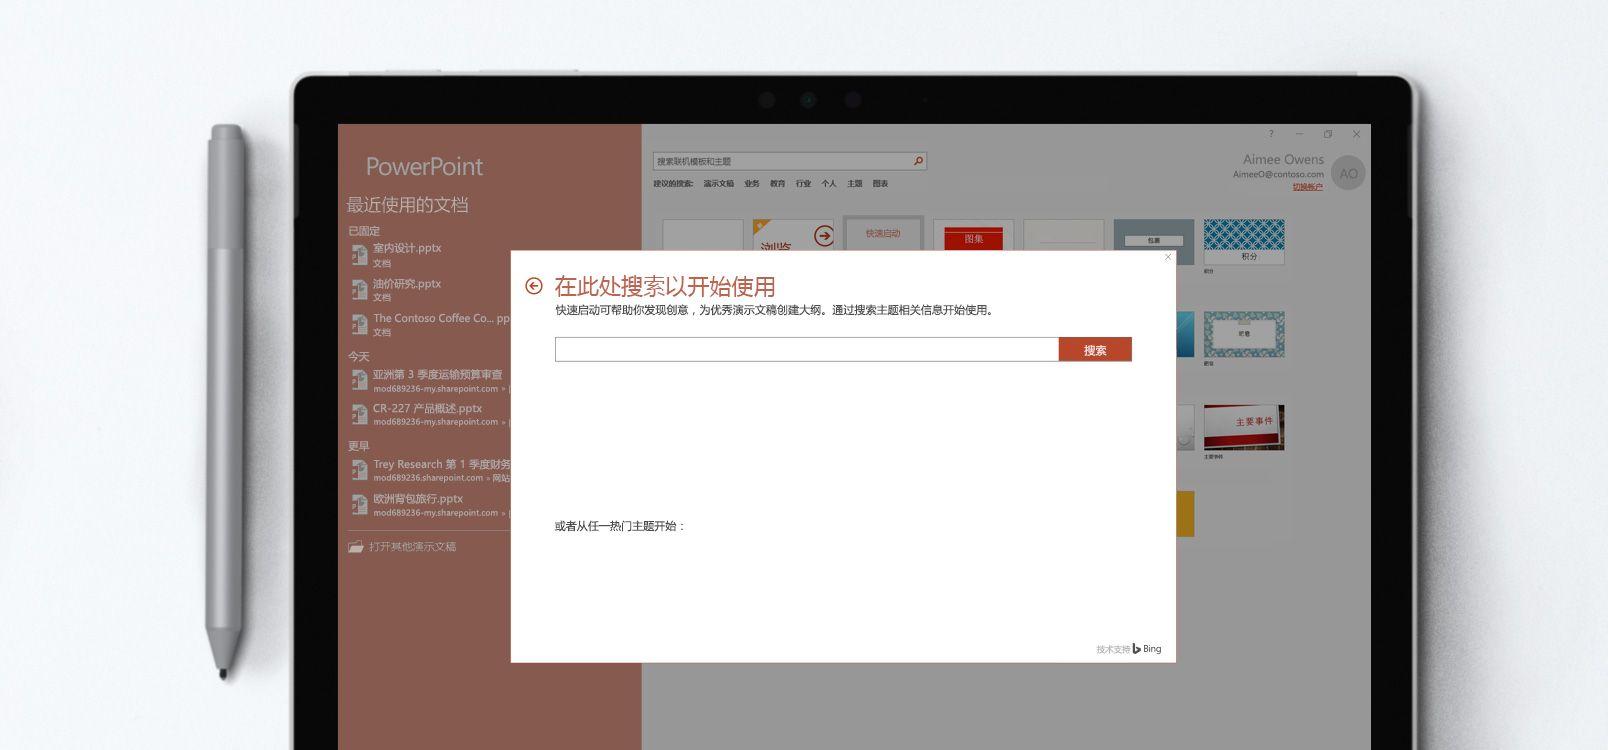 平板电脑屏幕,显示使用快速启动功能的 PowerPoint 文档